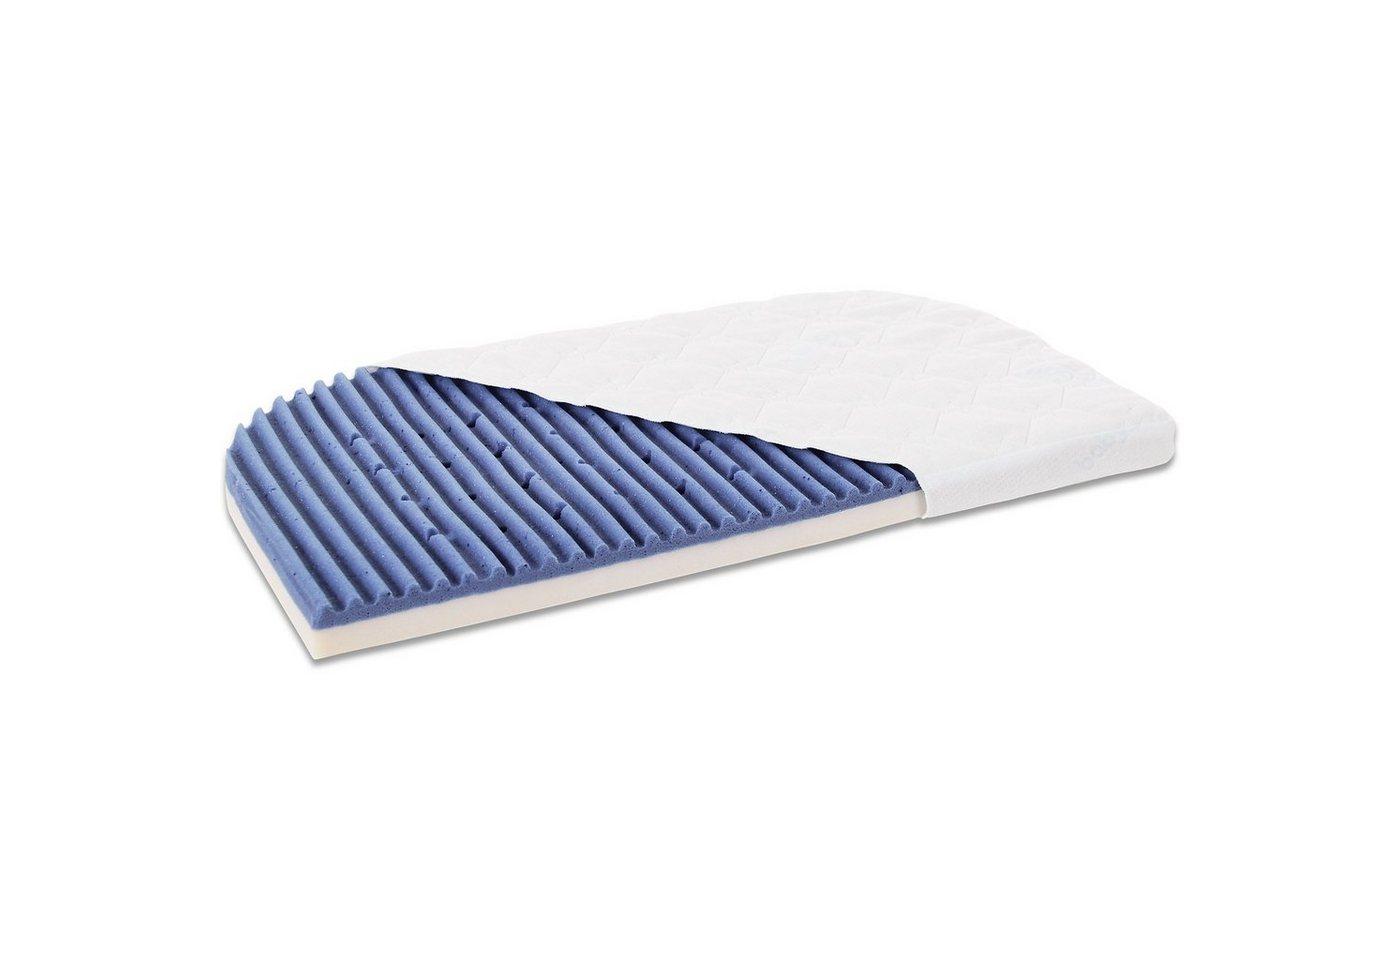 Babymatratzen - Tobi Matratze Medicott AngelWave® für babybay Original, blau  - Onlineshop OTTO